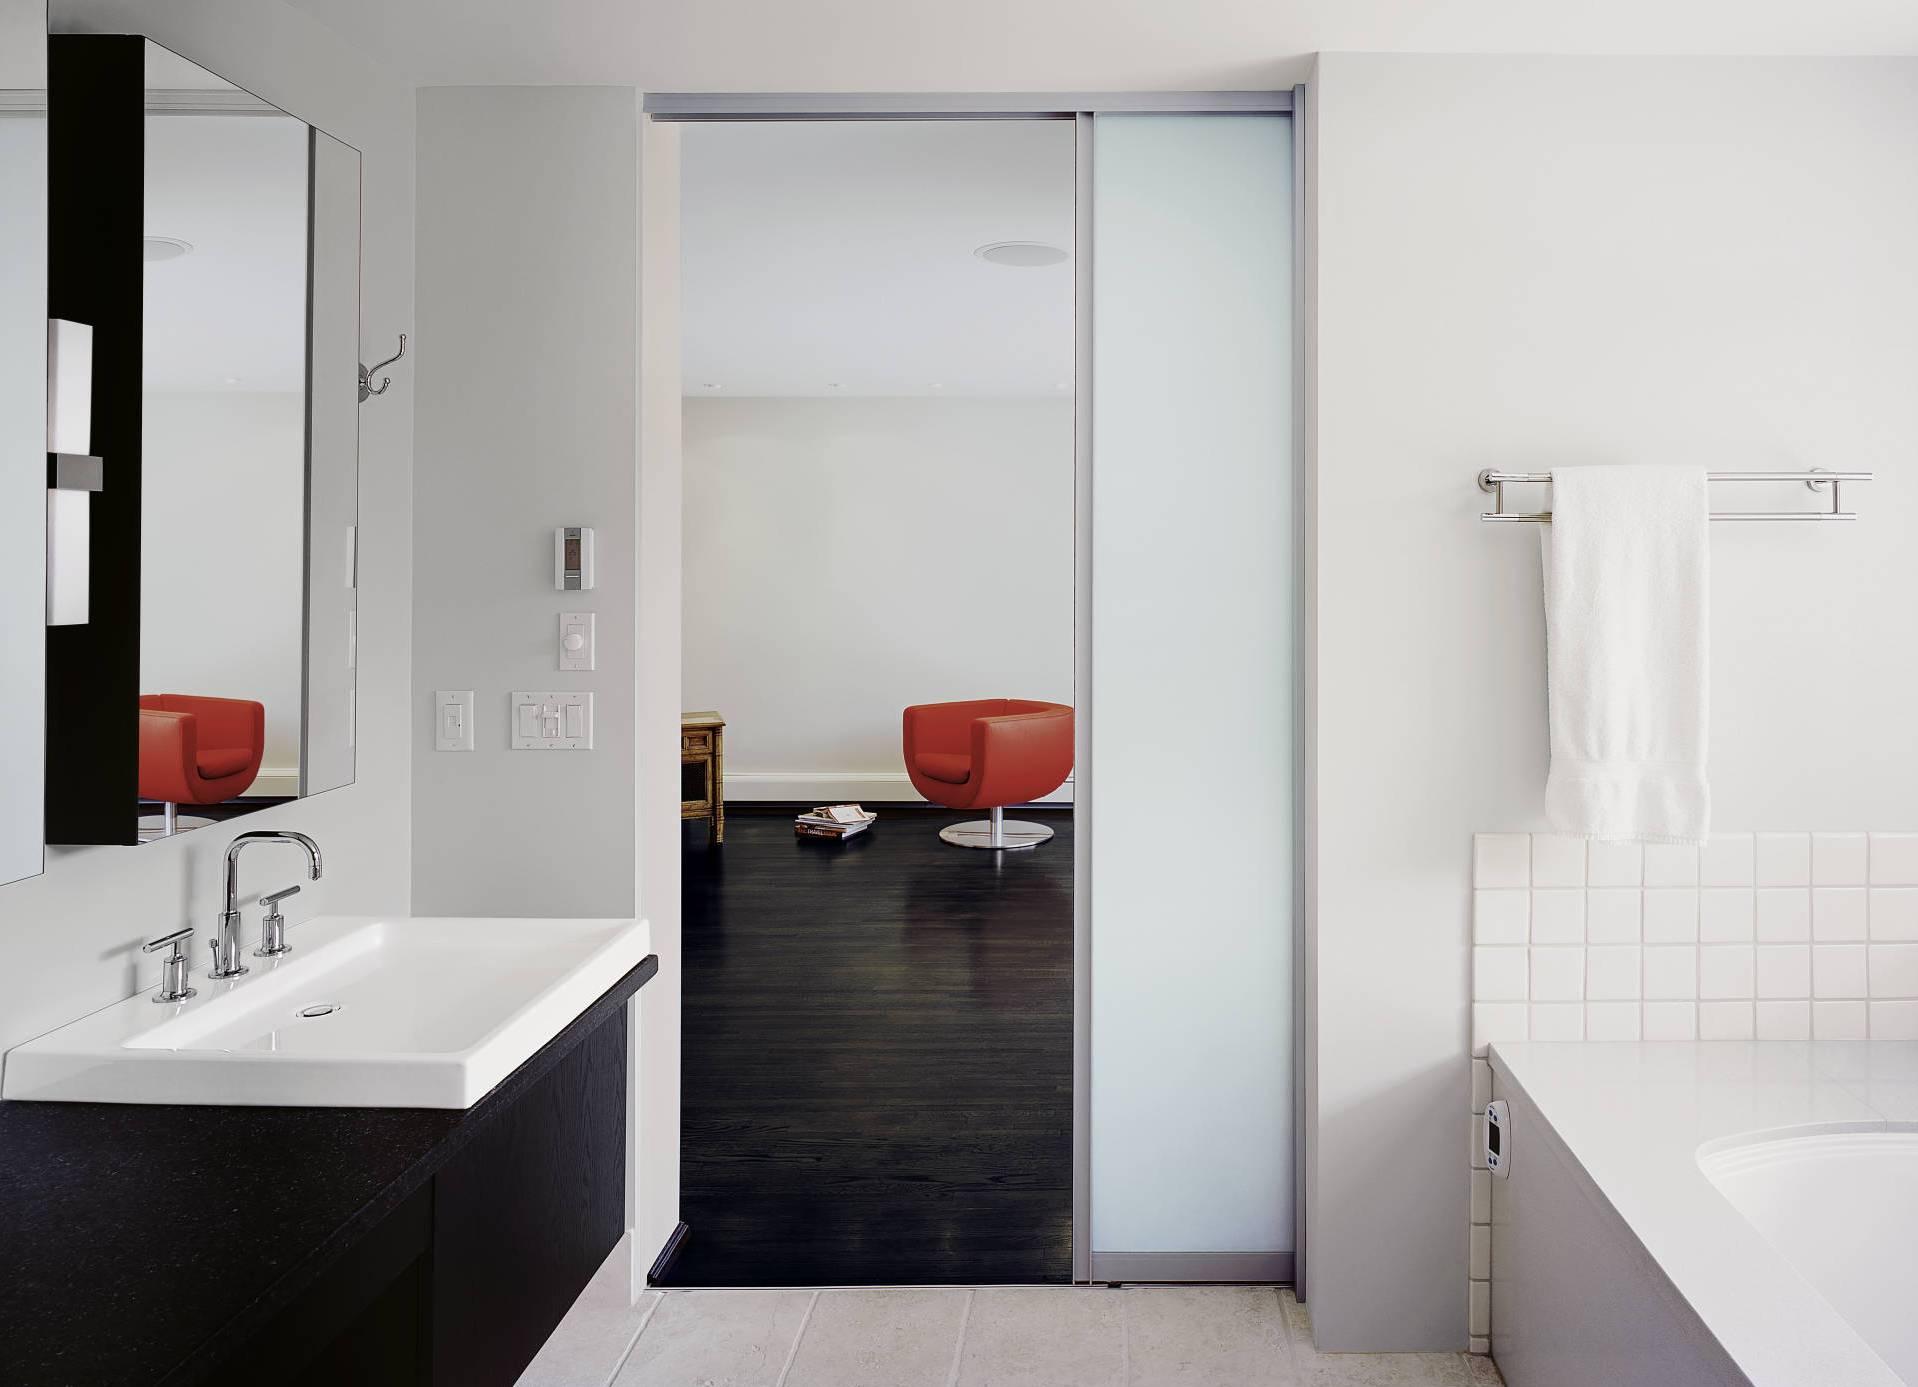 Раздвижные двери в ванную: виды, установка, отзывы, фото